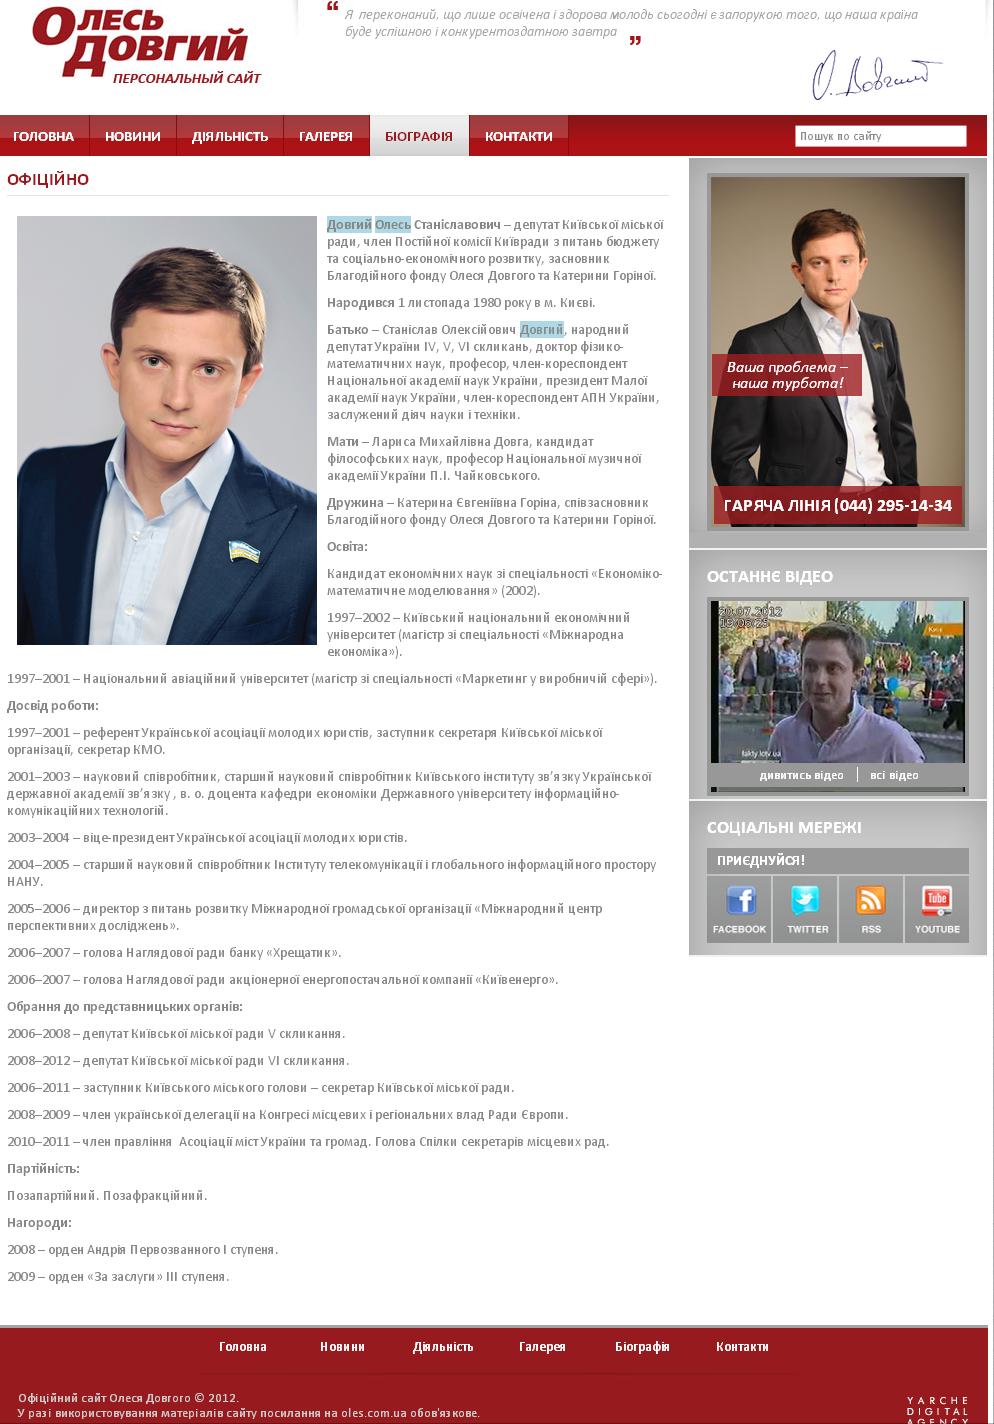 Олесь Довгий - анализ биографии